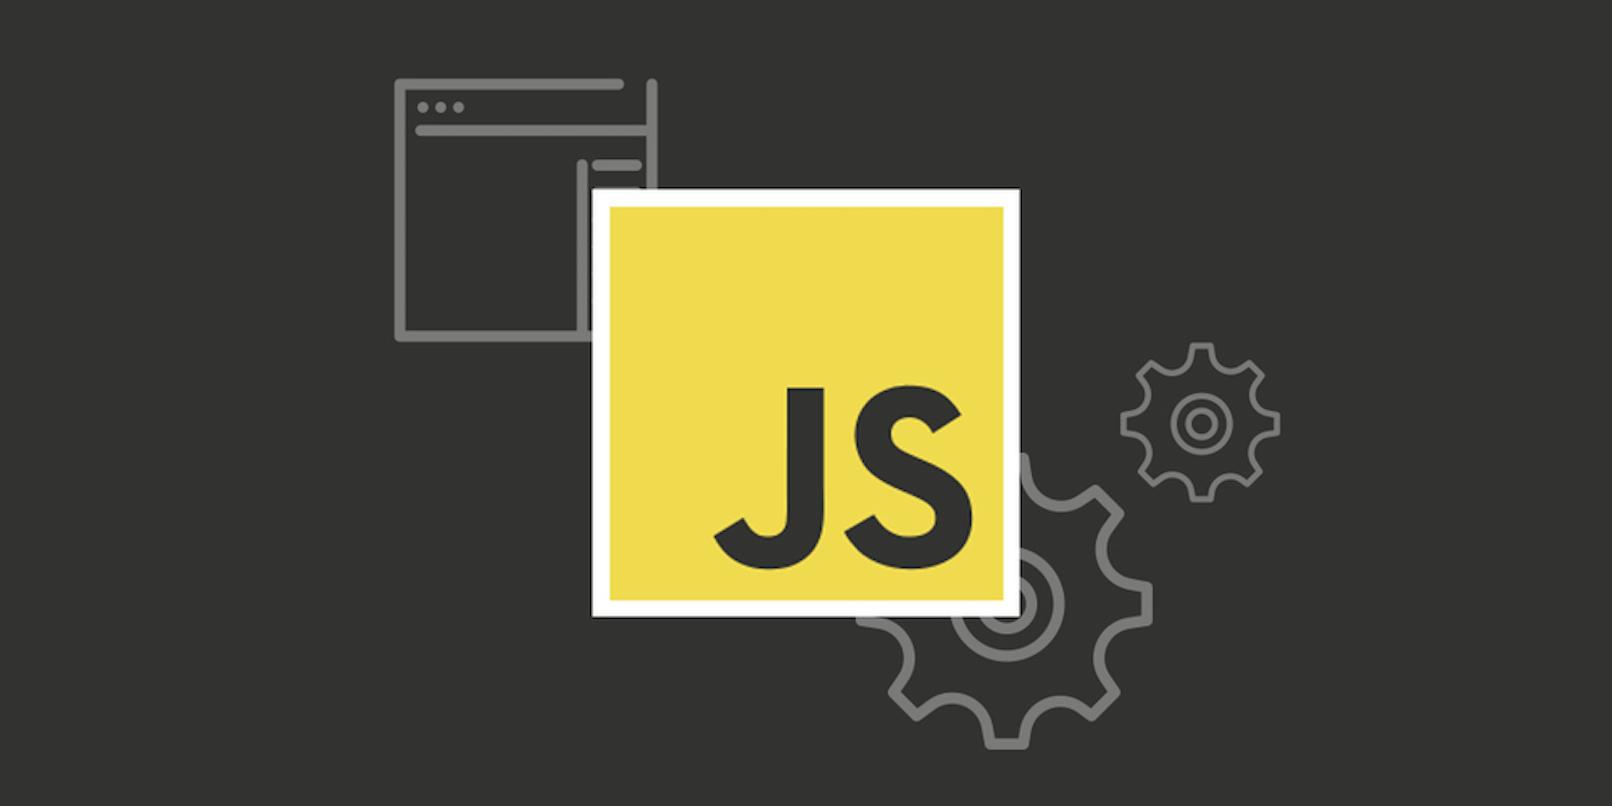 ☕ 5 крутых функций JavaScript, о которых не знает большинство разработчиков